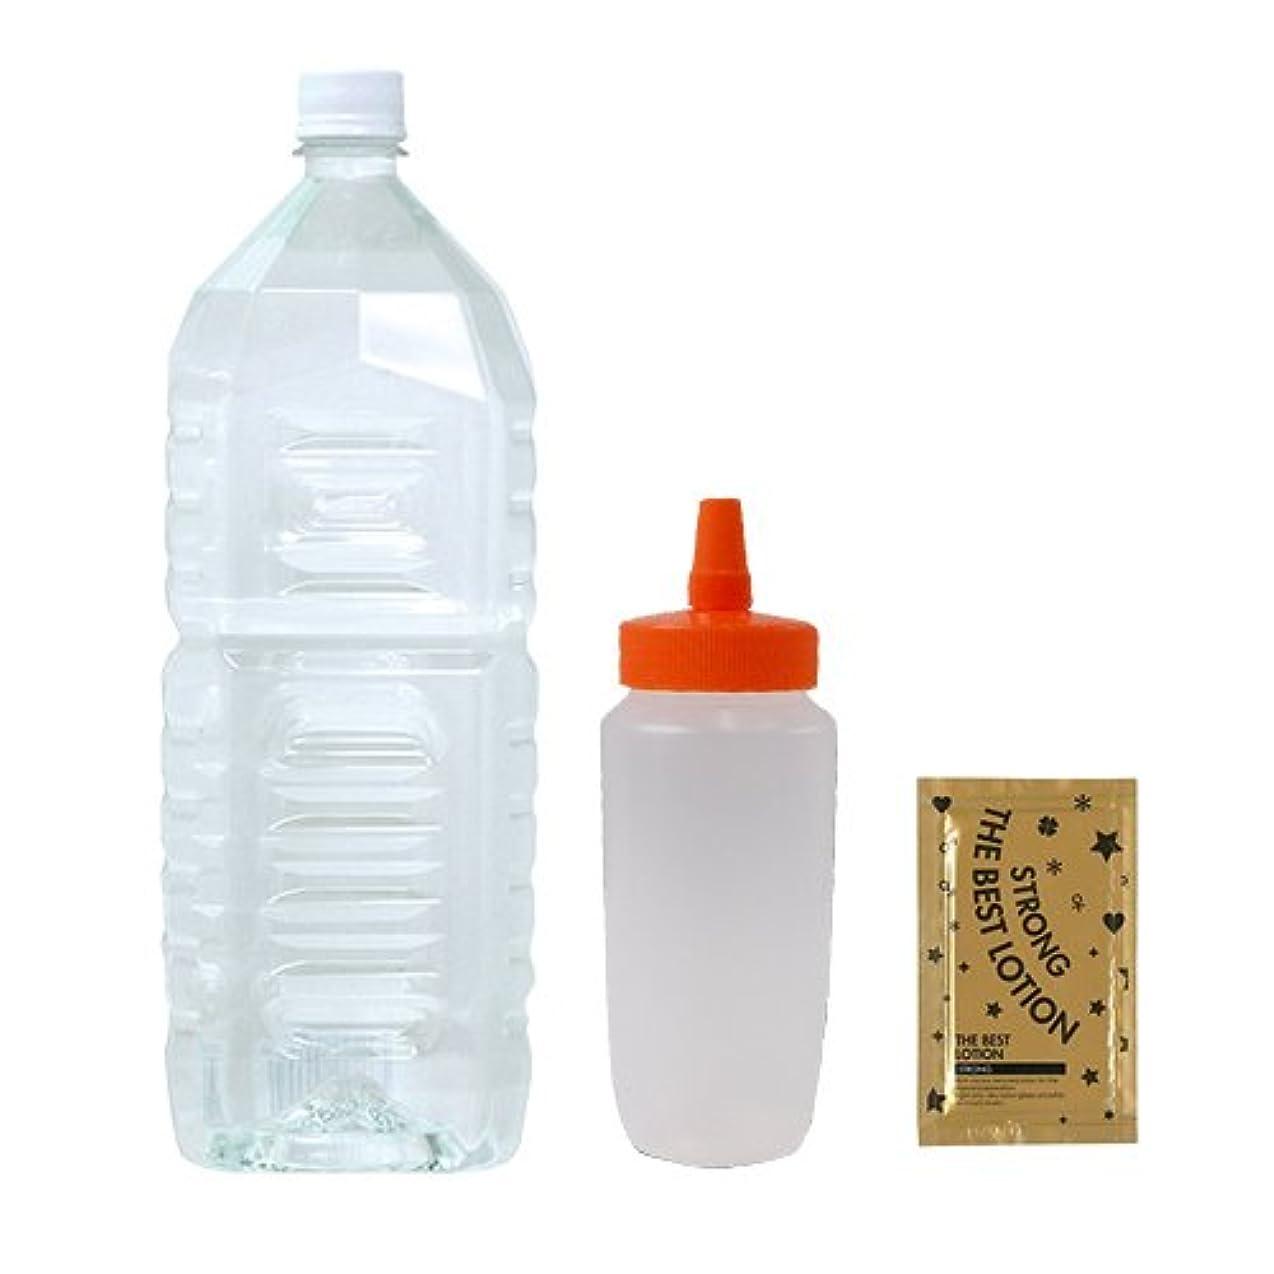 再開クリープ喉が渇いたクリアローション 2Lペットボトル ソフトタイプ 業務用ローション + はちみつ容器360ml(オレンジキャップ)+ ベストローションストロング 1包付き セット